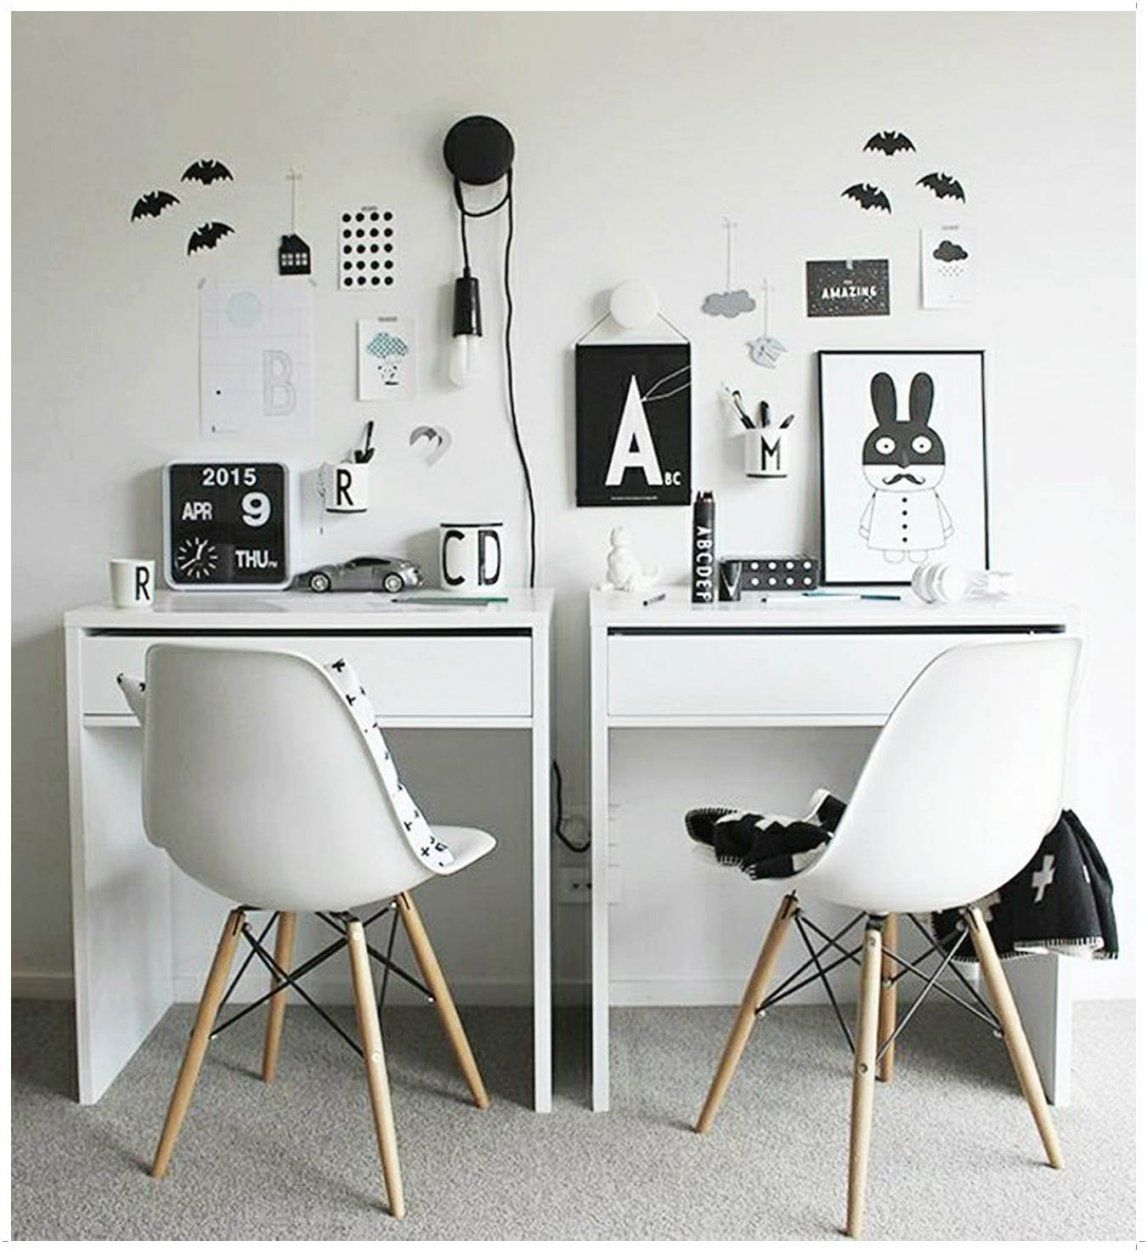 Schreibtisch Für Kleines Kinderzimmer  Home Referenz von Schreibtisch Für Kleines Kinderzimmer Photo